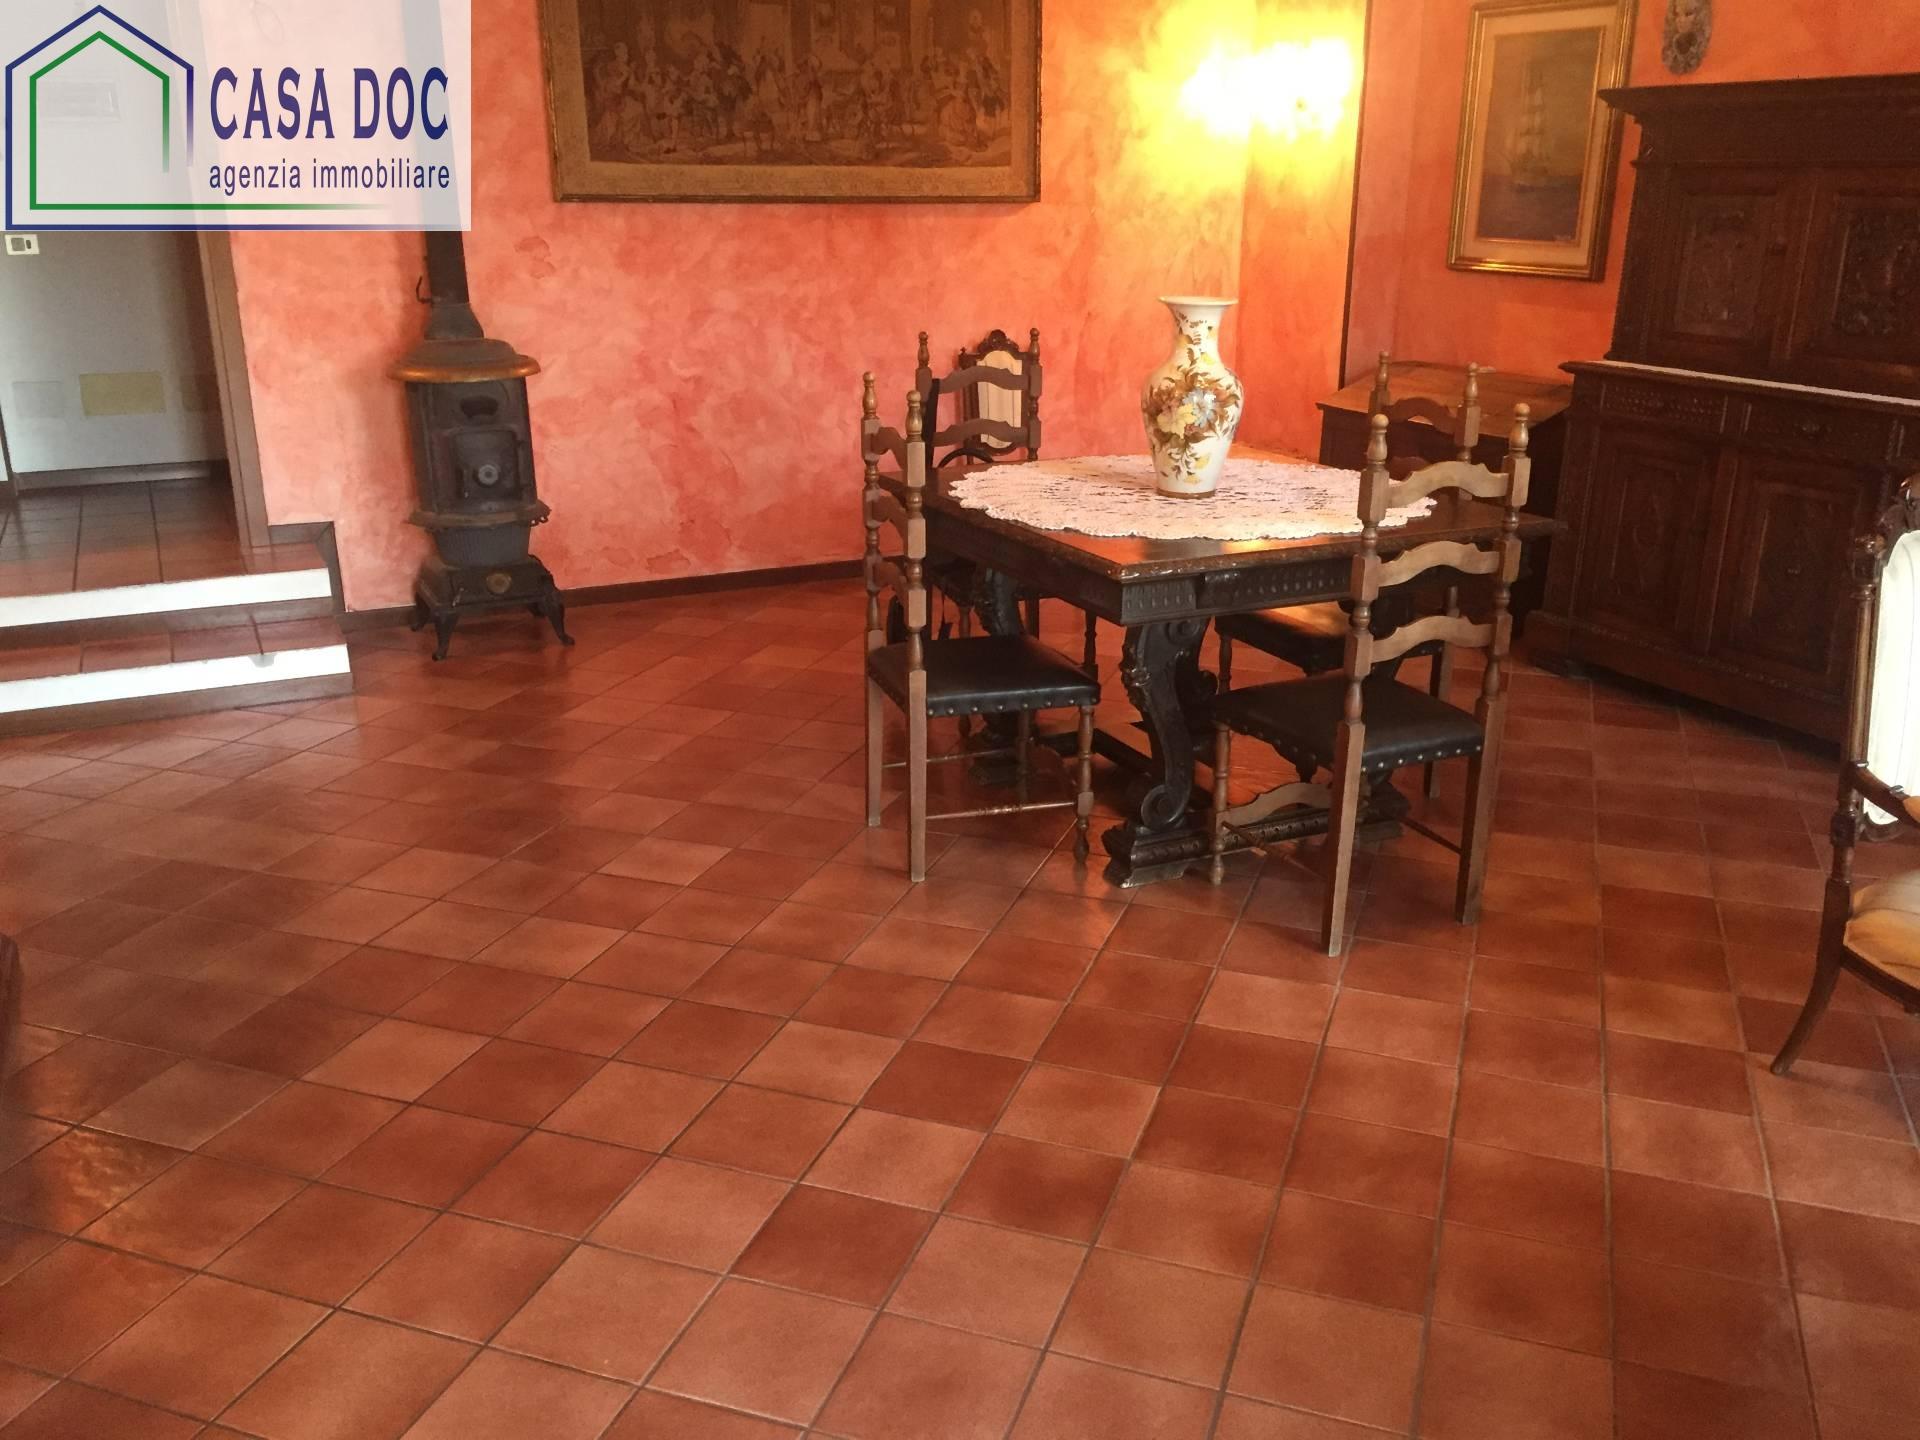 Villa in vendita a Siziano, 4 locali, prezzo € 329.000 | CambioCasa.it